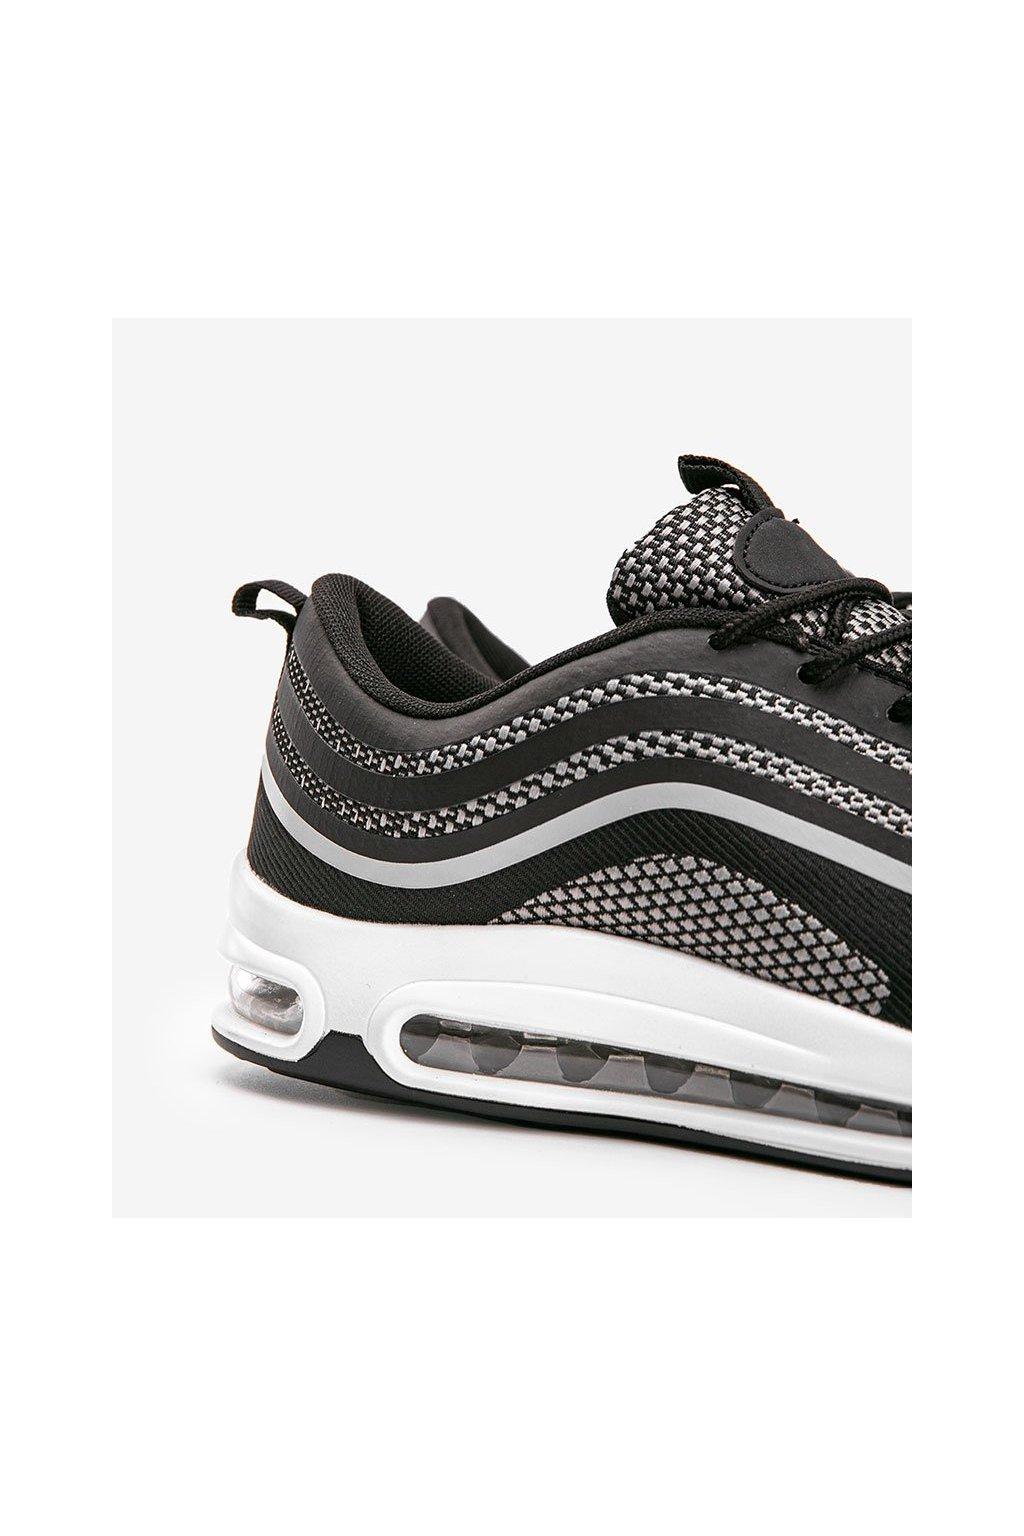 Pánske topánky tenisky čierne kód M3239-1 - GM